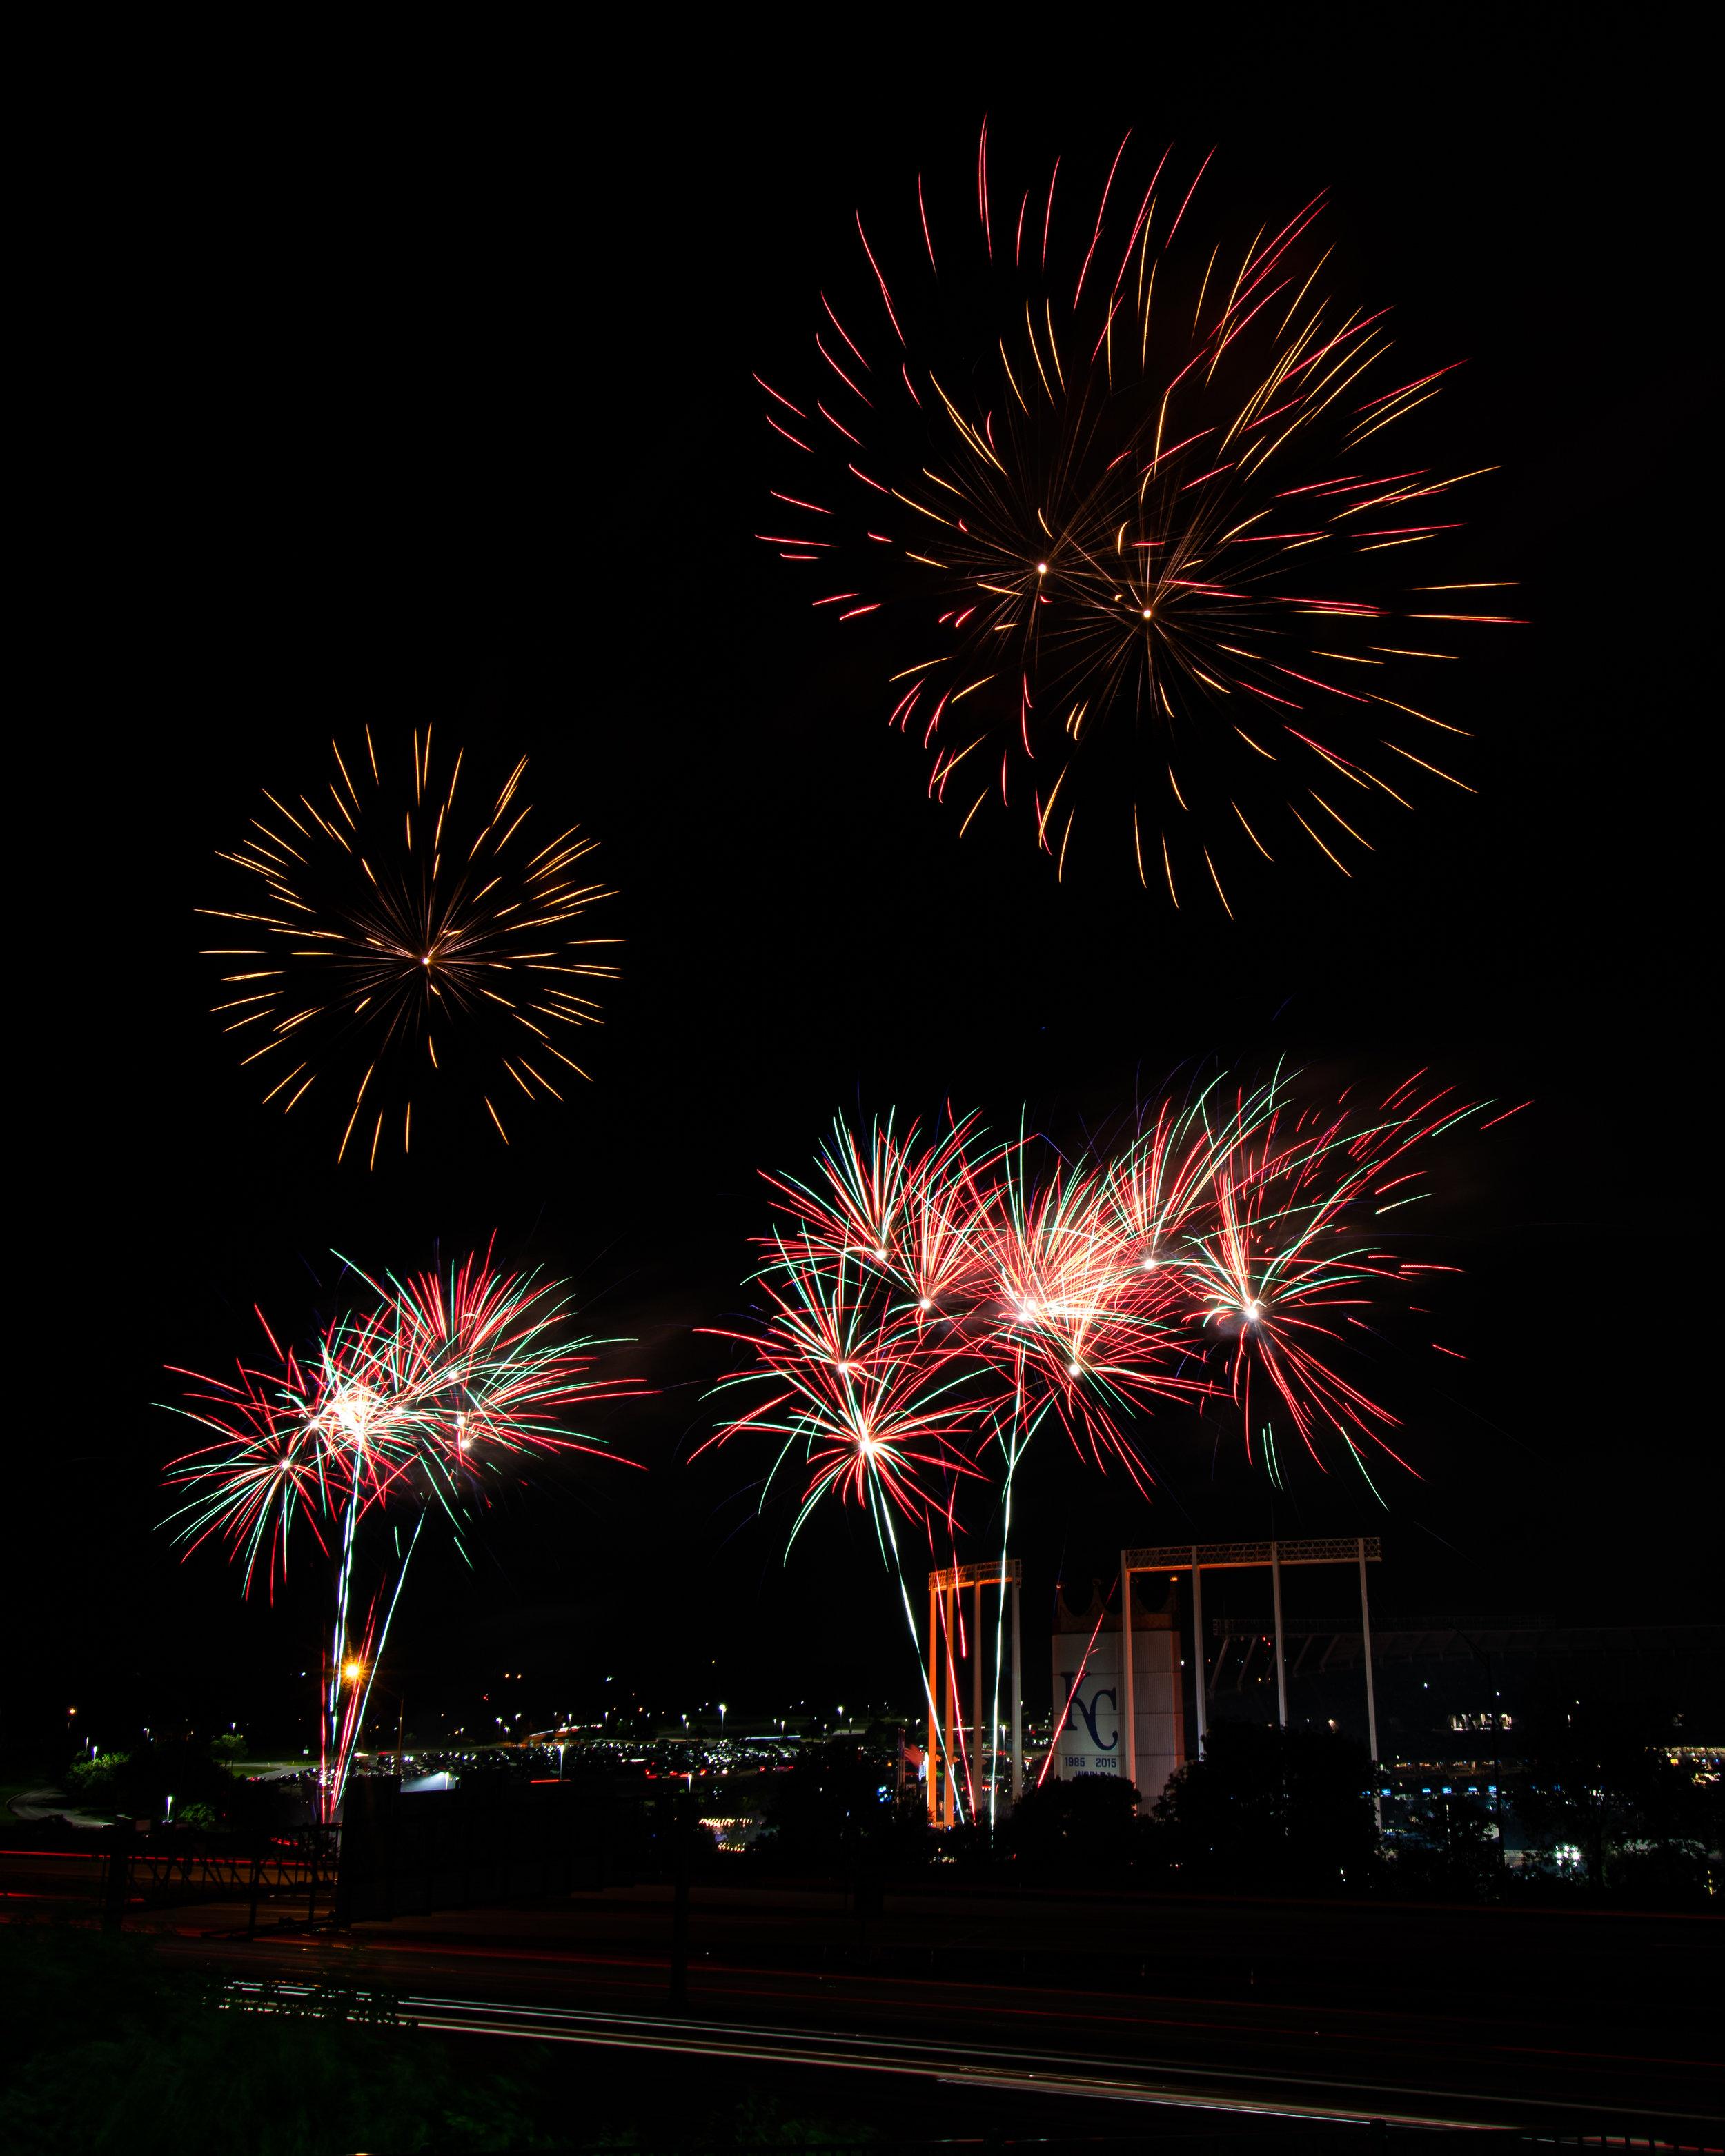 firework-friday-22-of-51_48108277926_o.jpg